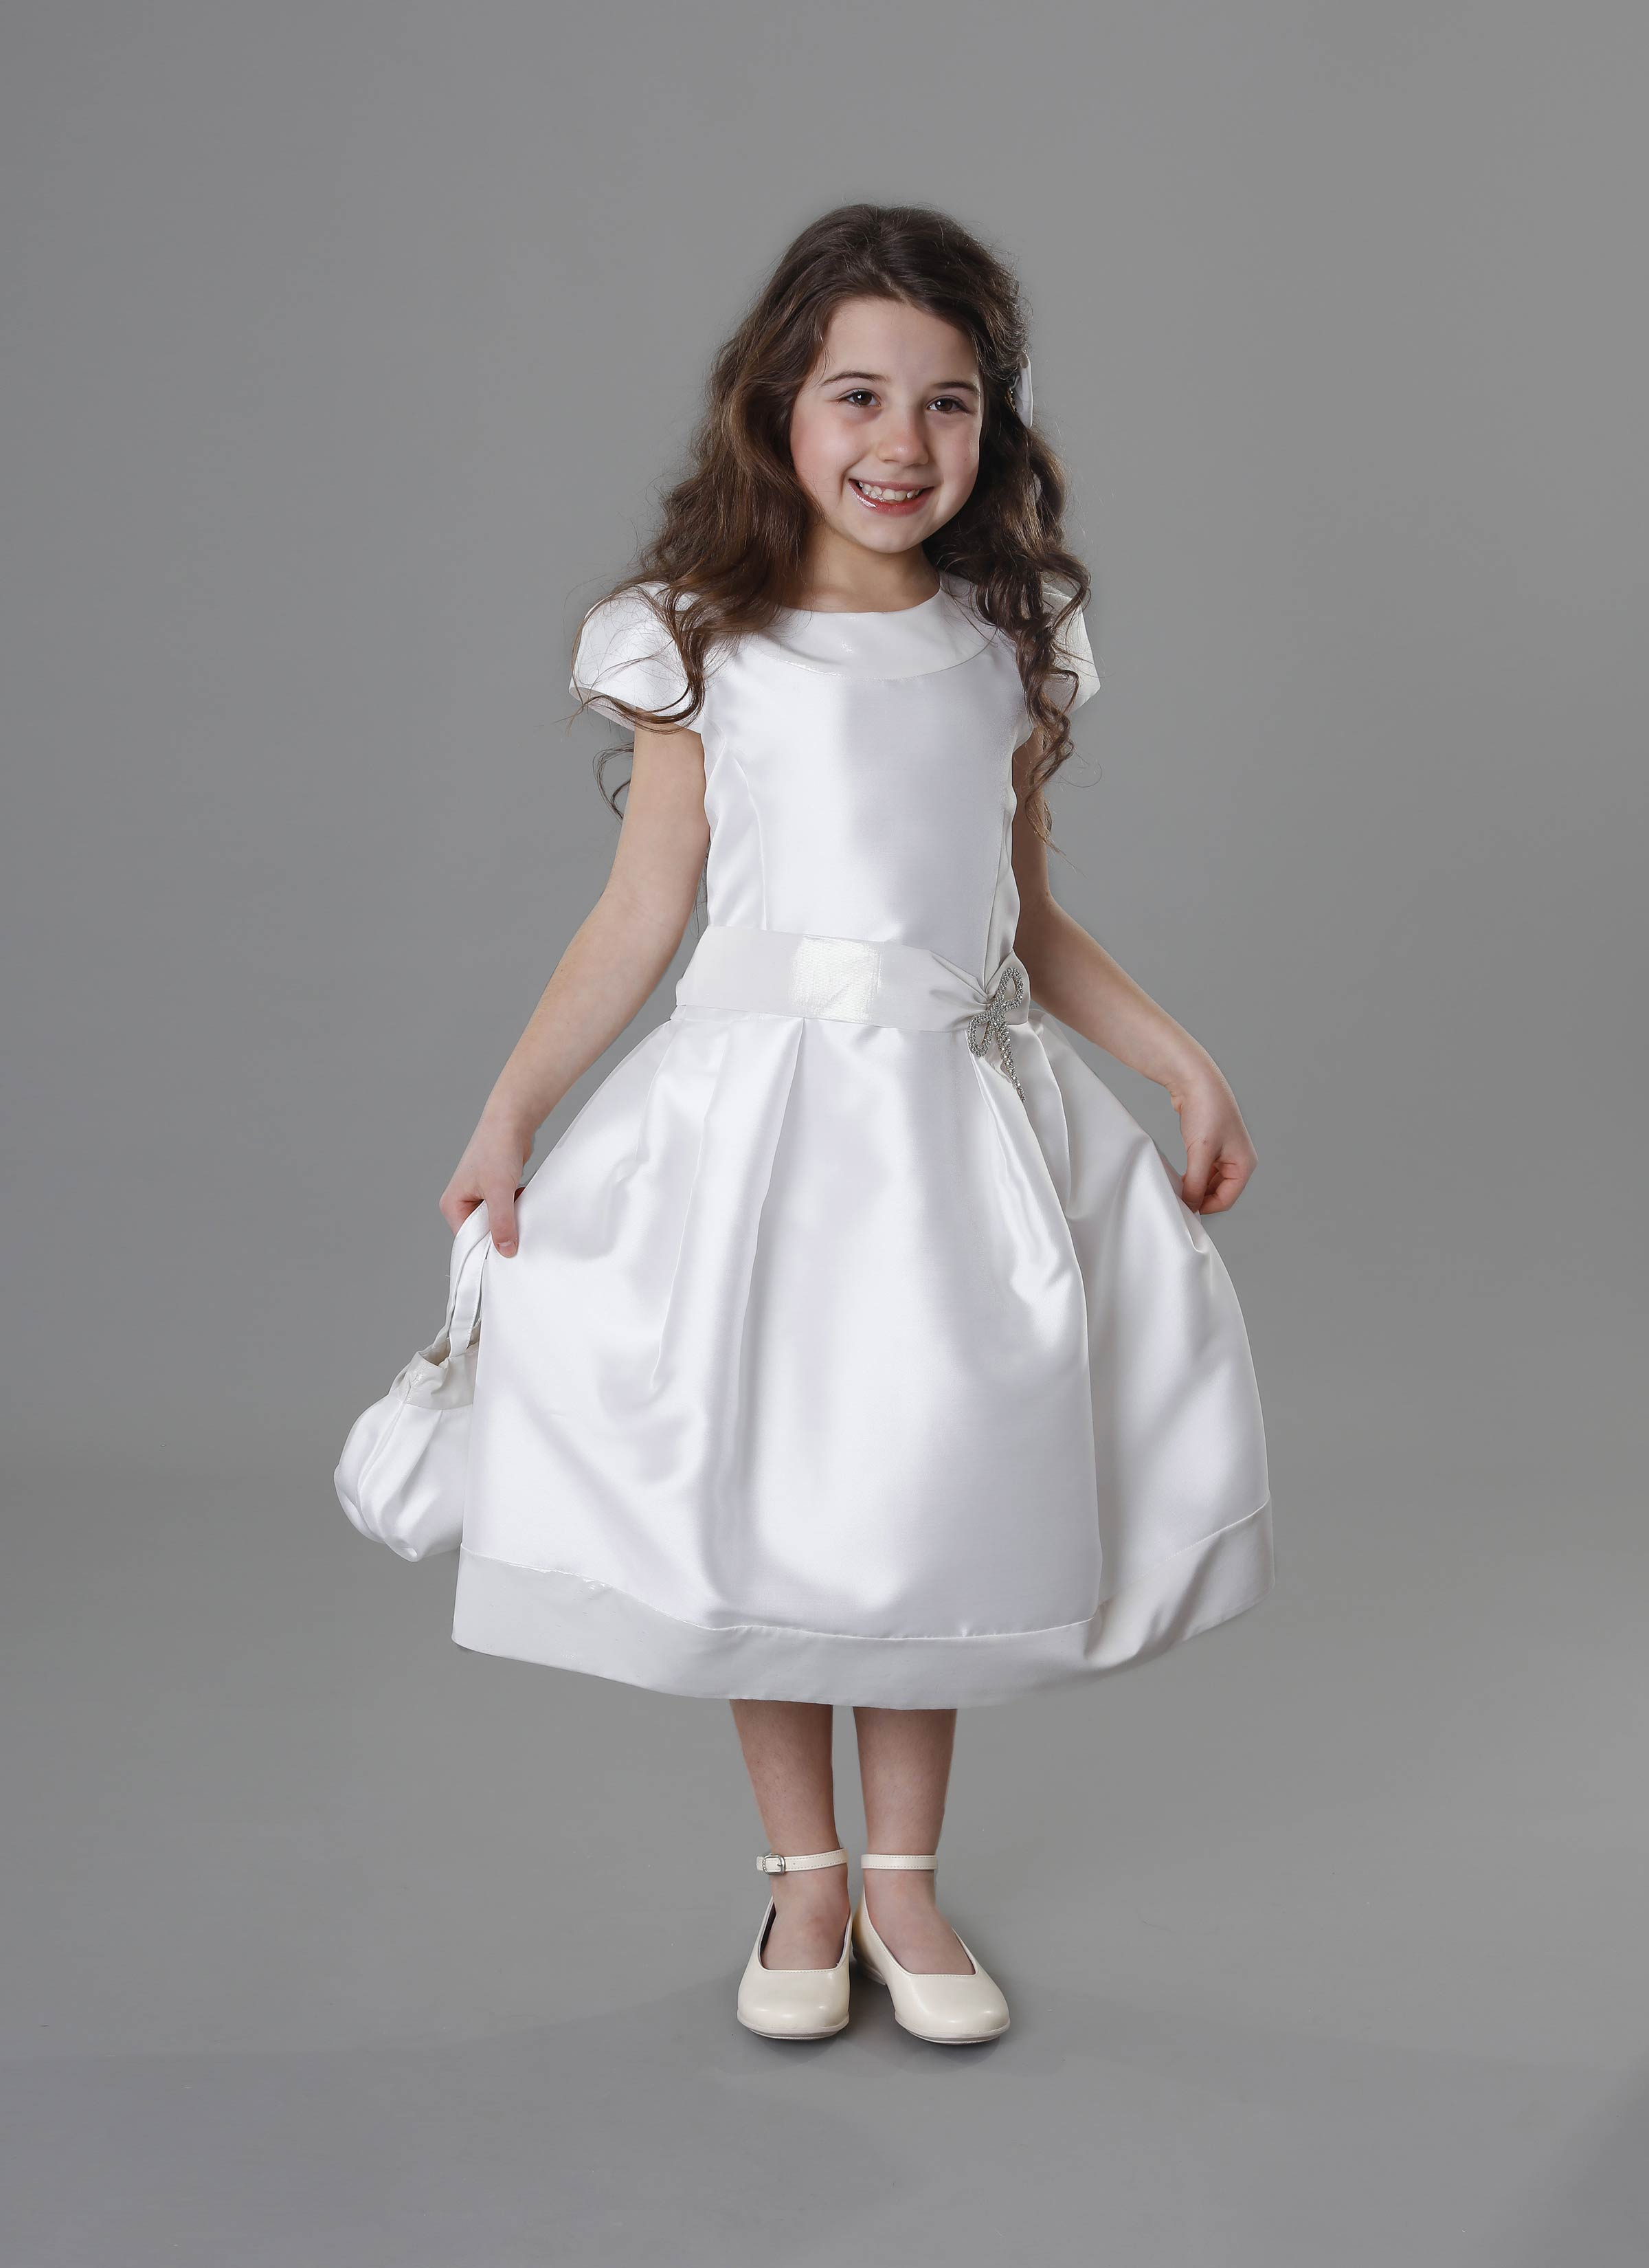 prezzo di fabbrica acquista per super qualità Atelier Mariella Gennarino | Vestito da damigella per bambina in raso